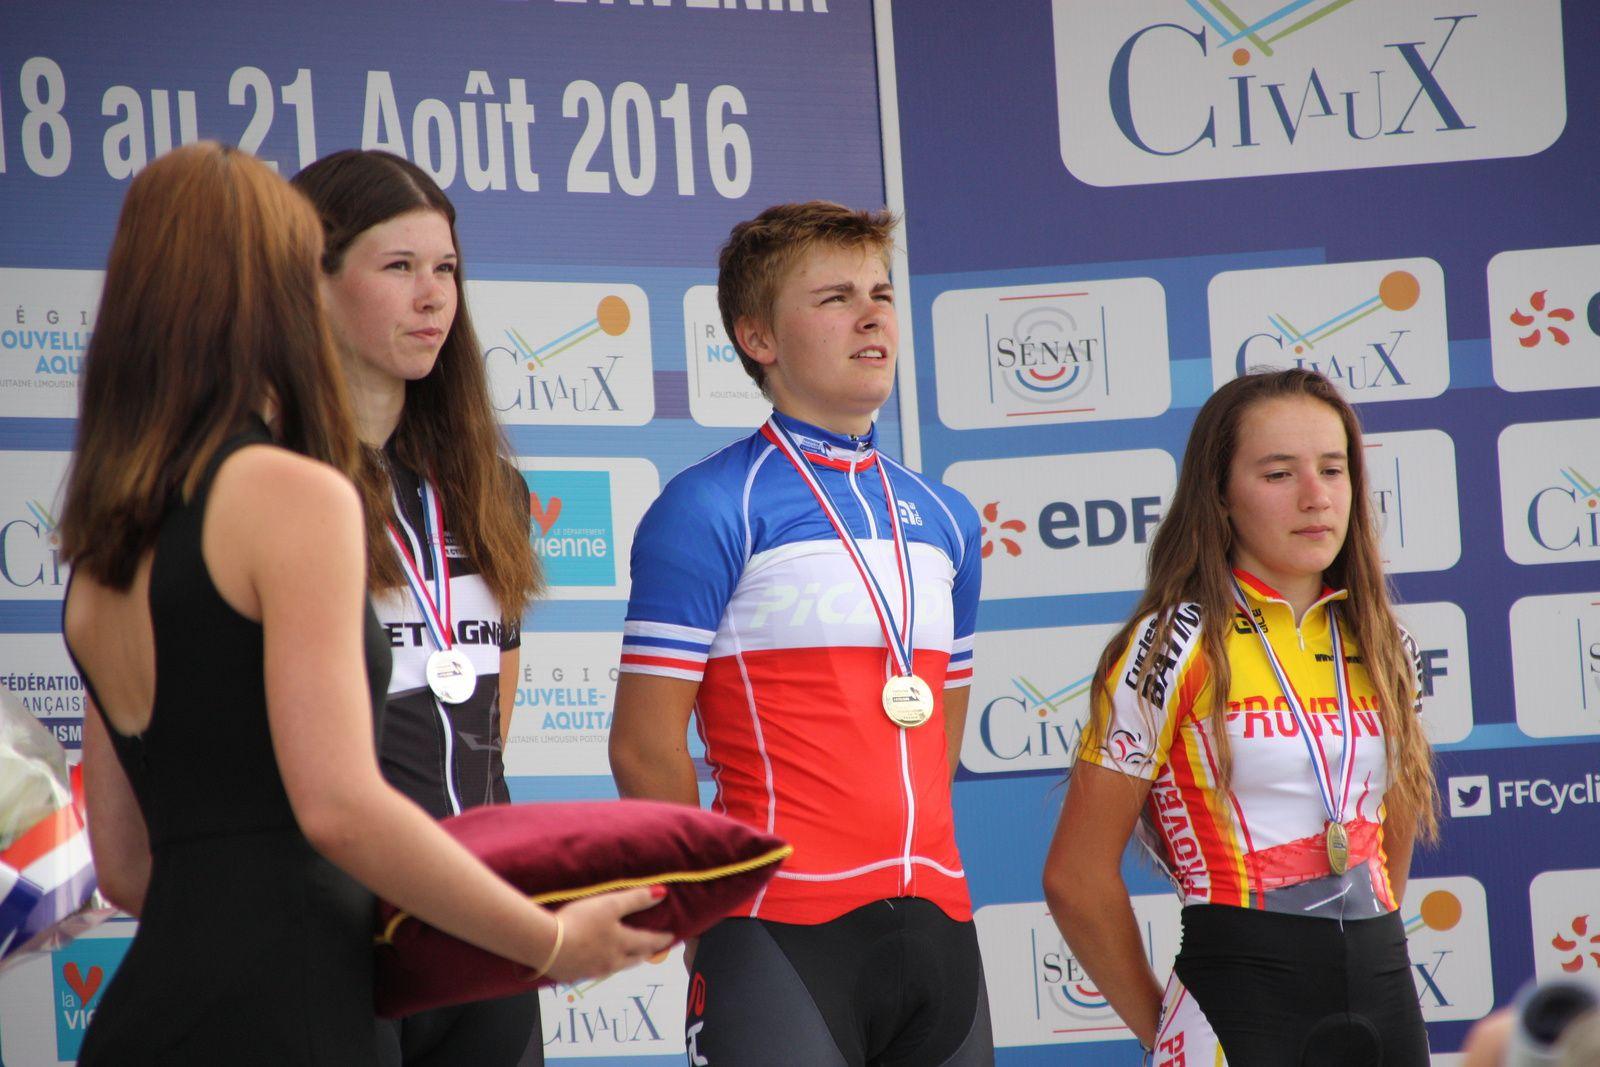 Le  podium  avec  la  nouvelle  championne  de  France